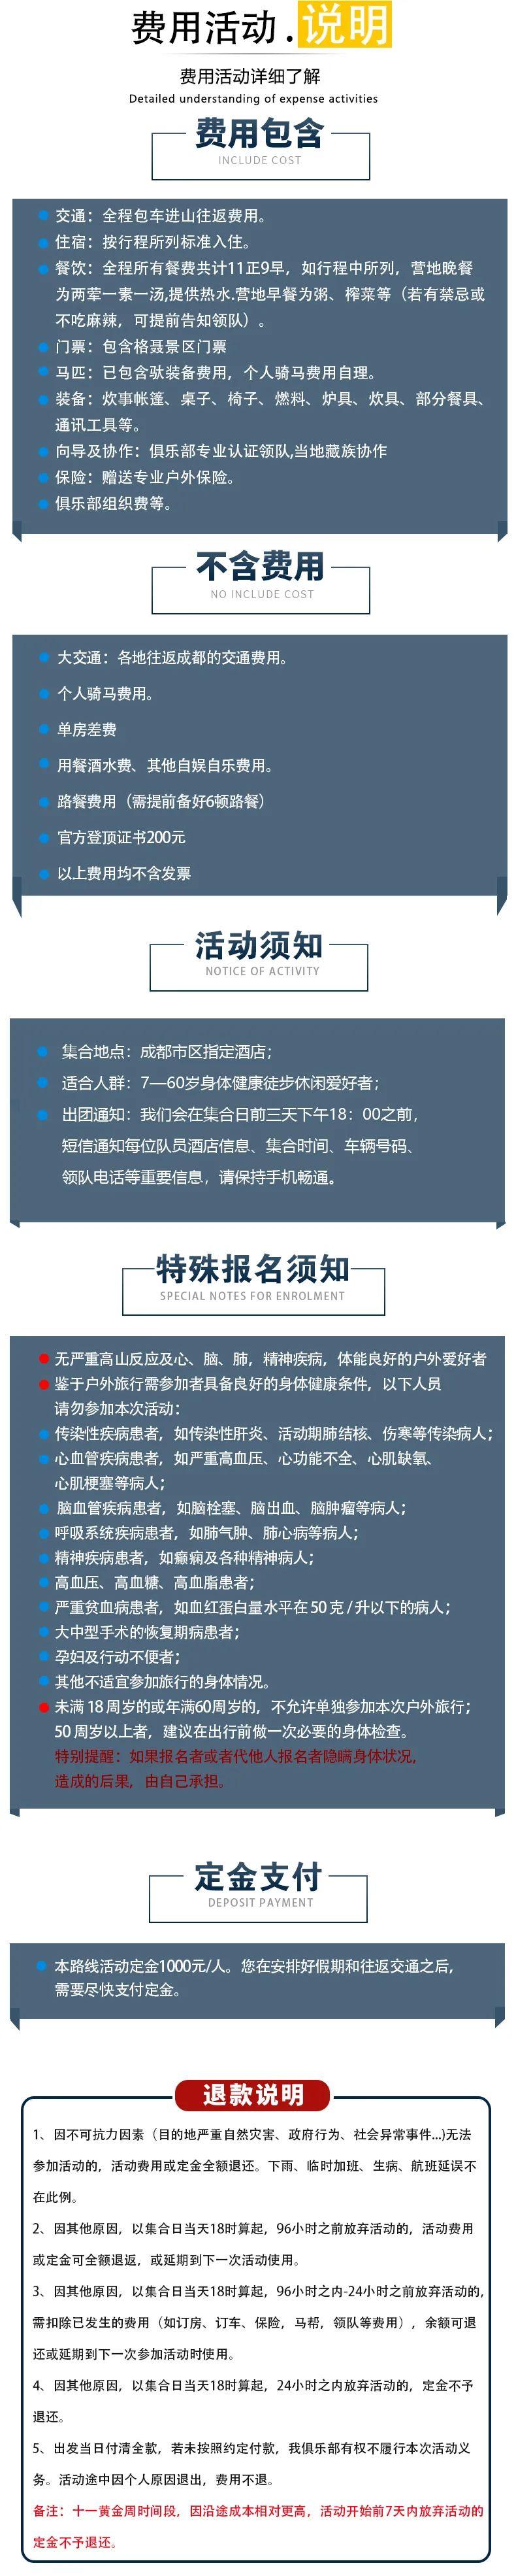 (10)2020【格聂转山】沉睡的雪莲+格聂大环线徒步穿越11日游-户外活动图-驼铃网